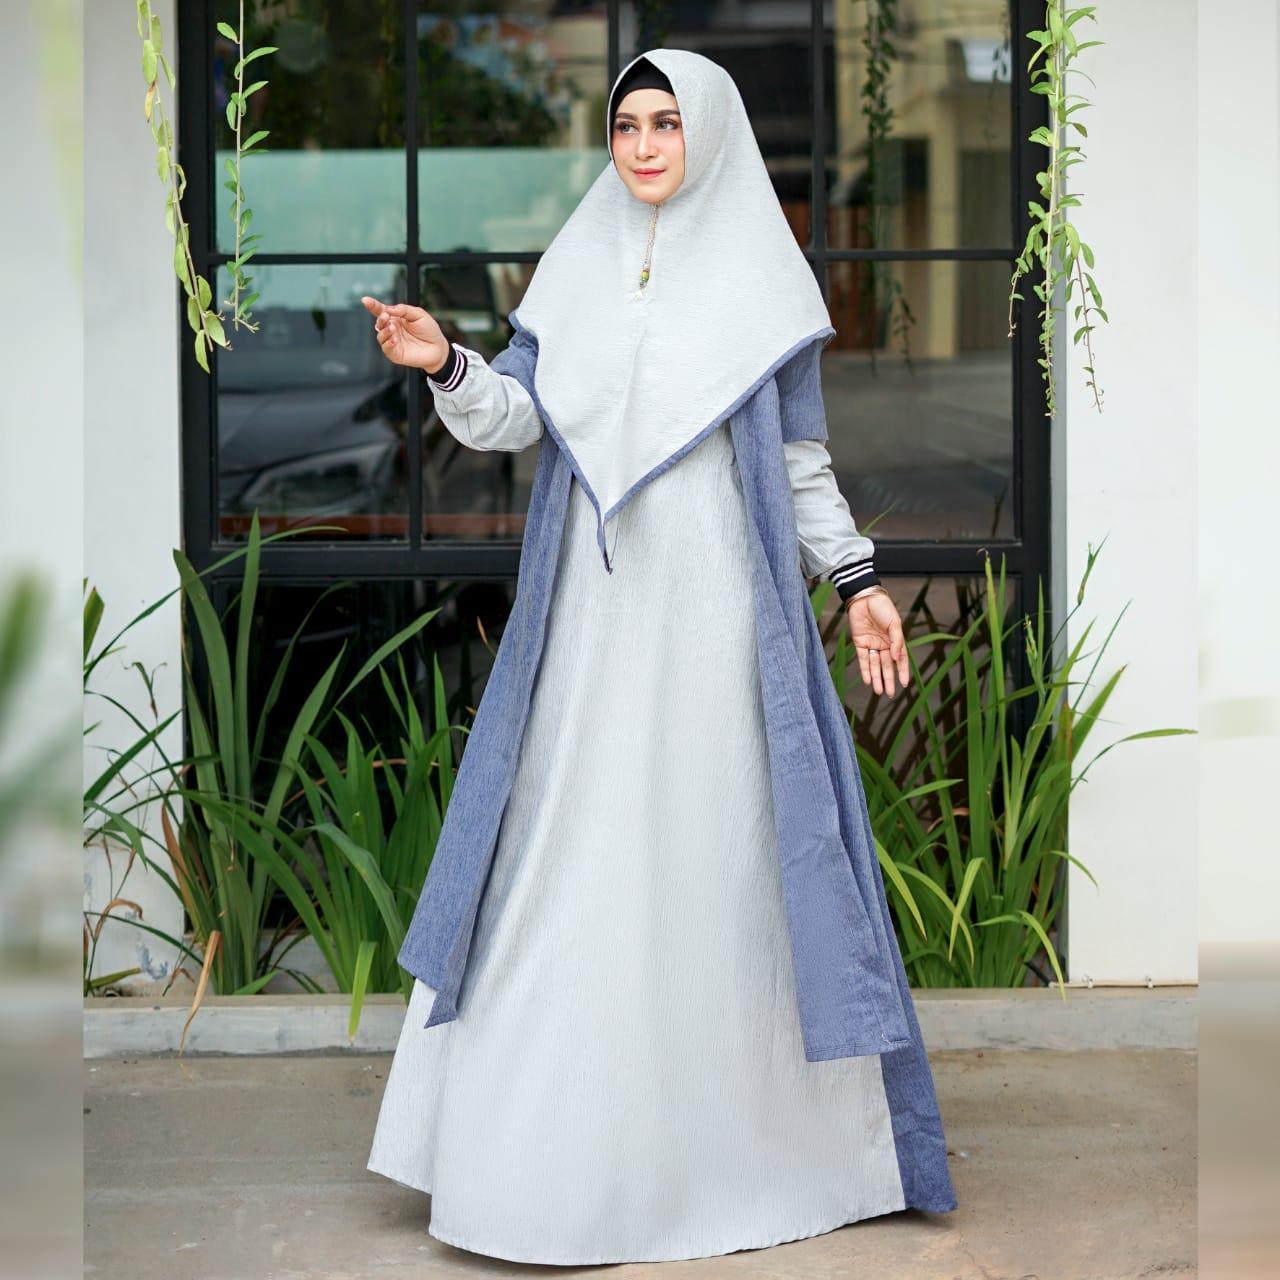 gamis \ gamis syari \ dres \ abaya \ tunik \ original \ baju muslim \ terbaru \ cod \ sale \ discount \ grosir \ distributor \ tanah abang \ jakarta \ pgmta \ metro \ thamrin city \ hijab \ hijabers \ moratabyn2 \ dress Morata